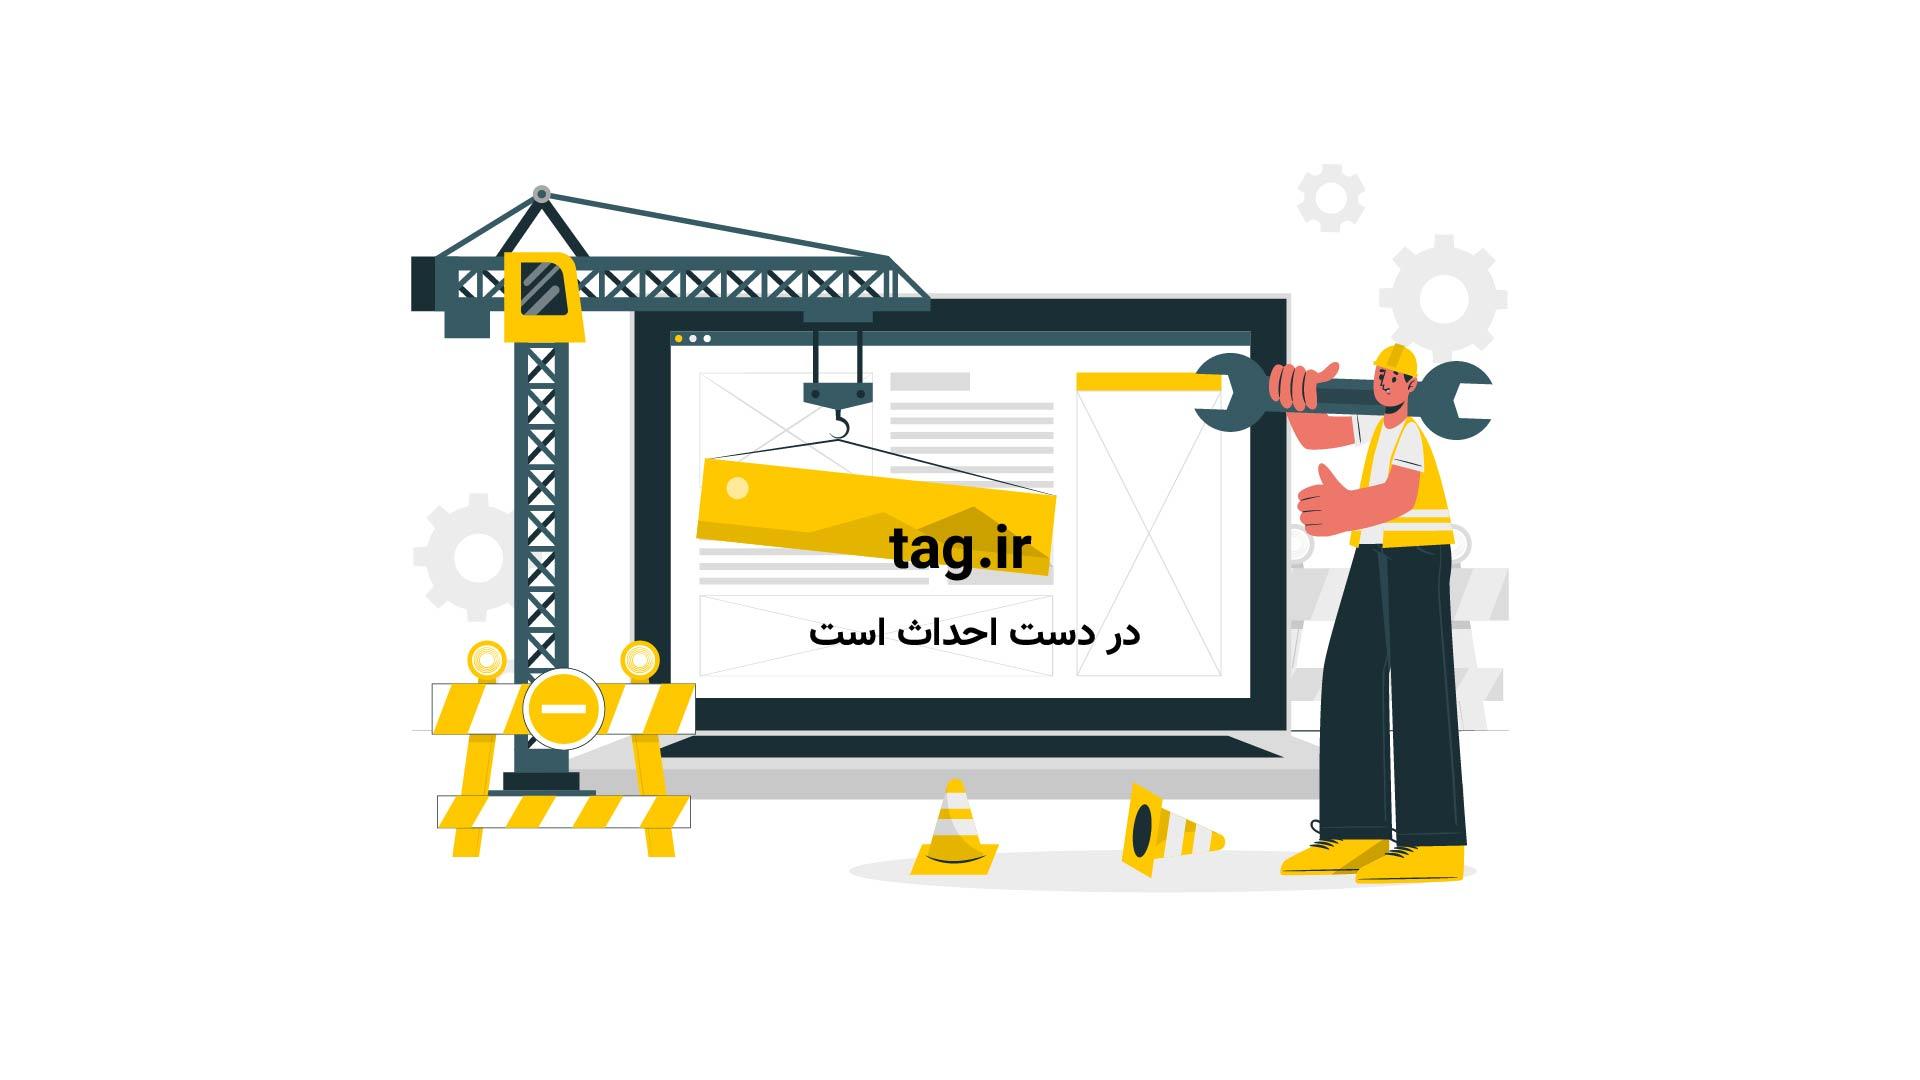 رقص زیبای پرنده نر برای جلب توجه ماده|تگ